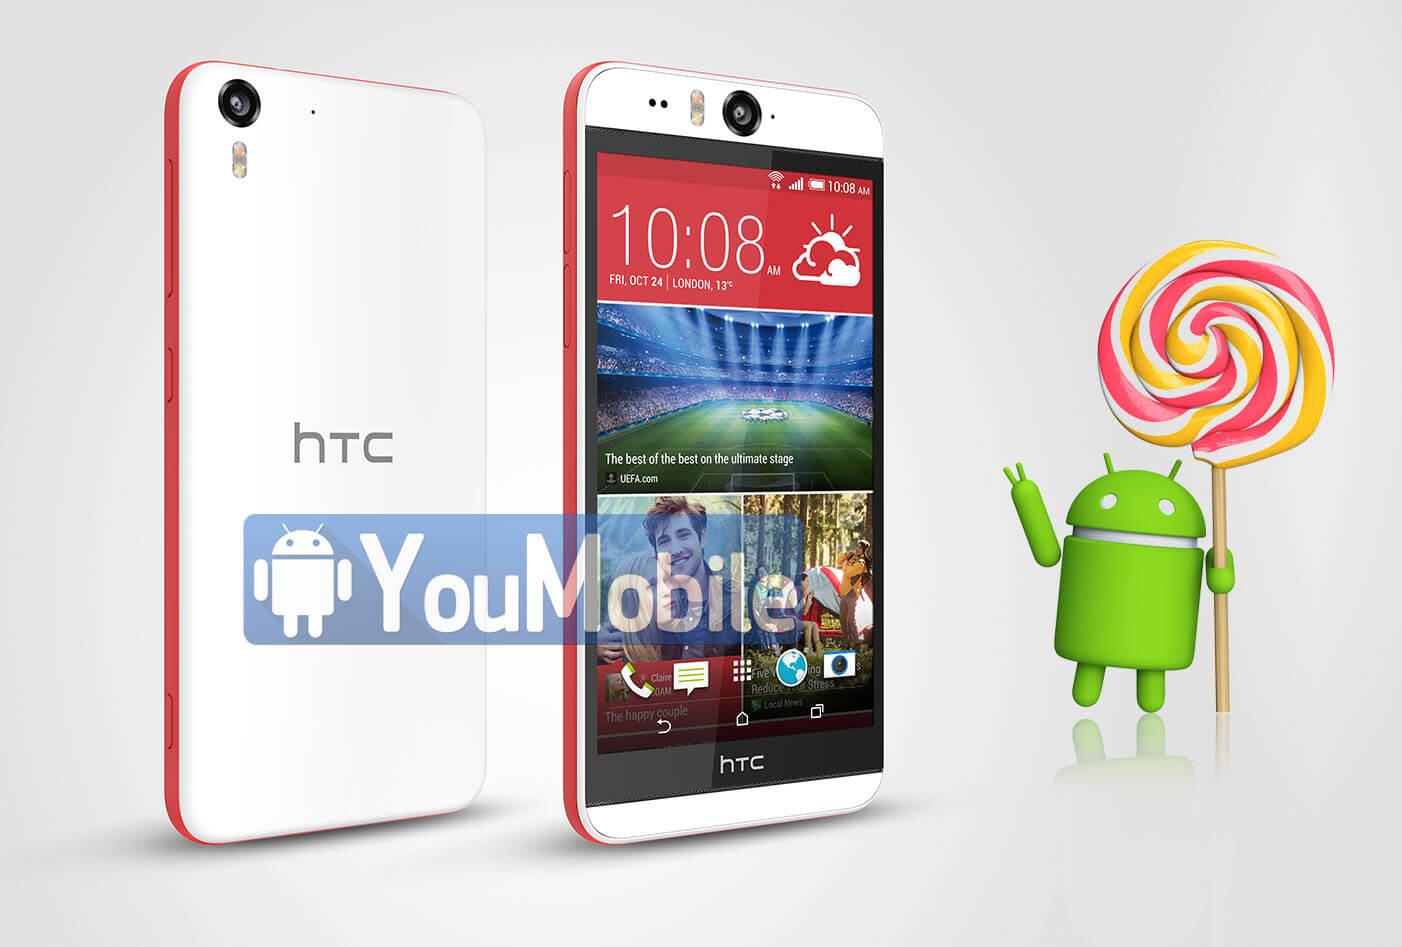 HTC Desire eye lollipop 5.1.1 update